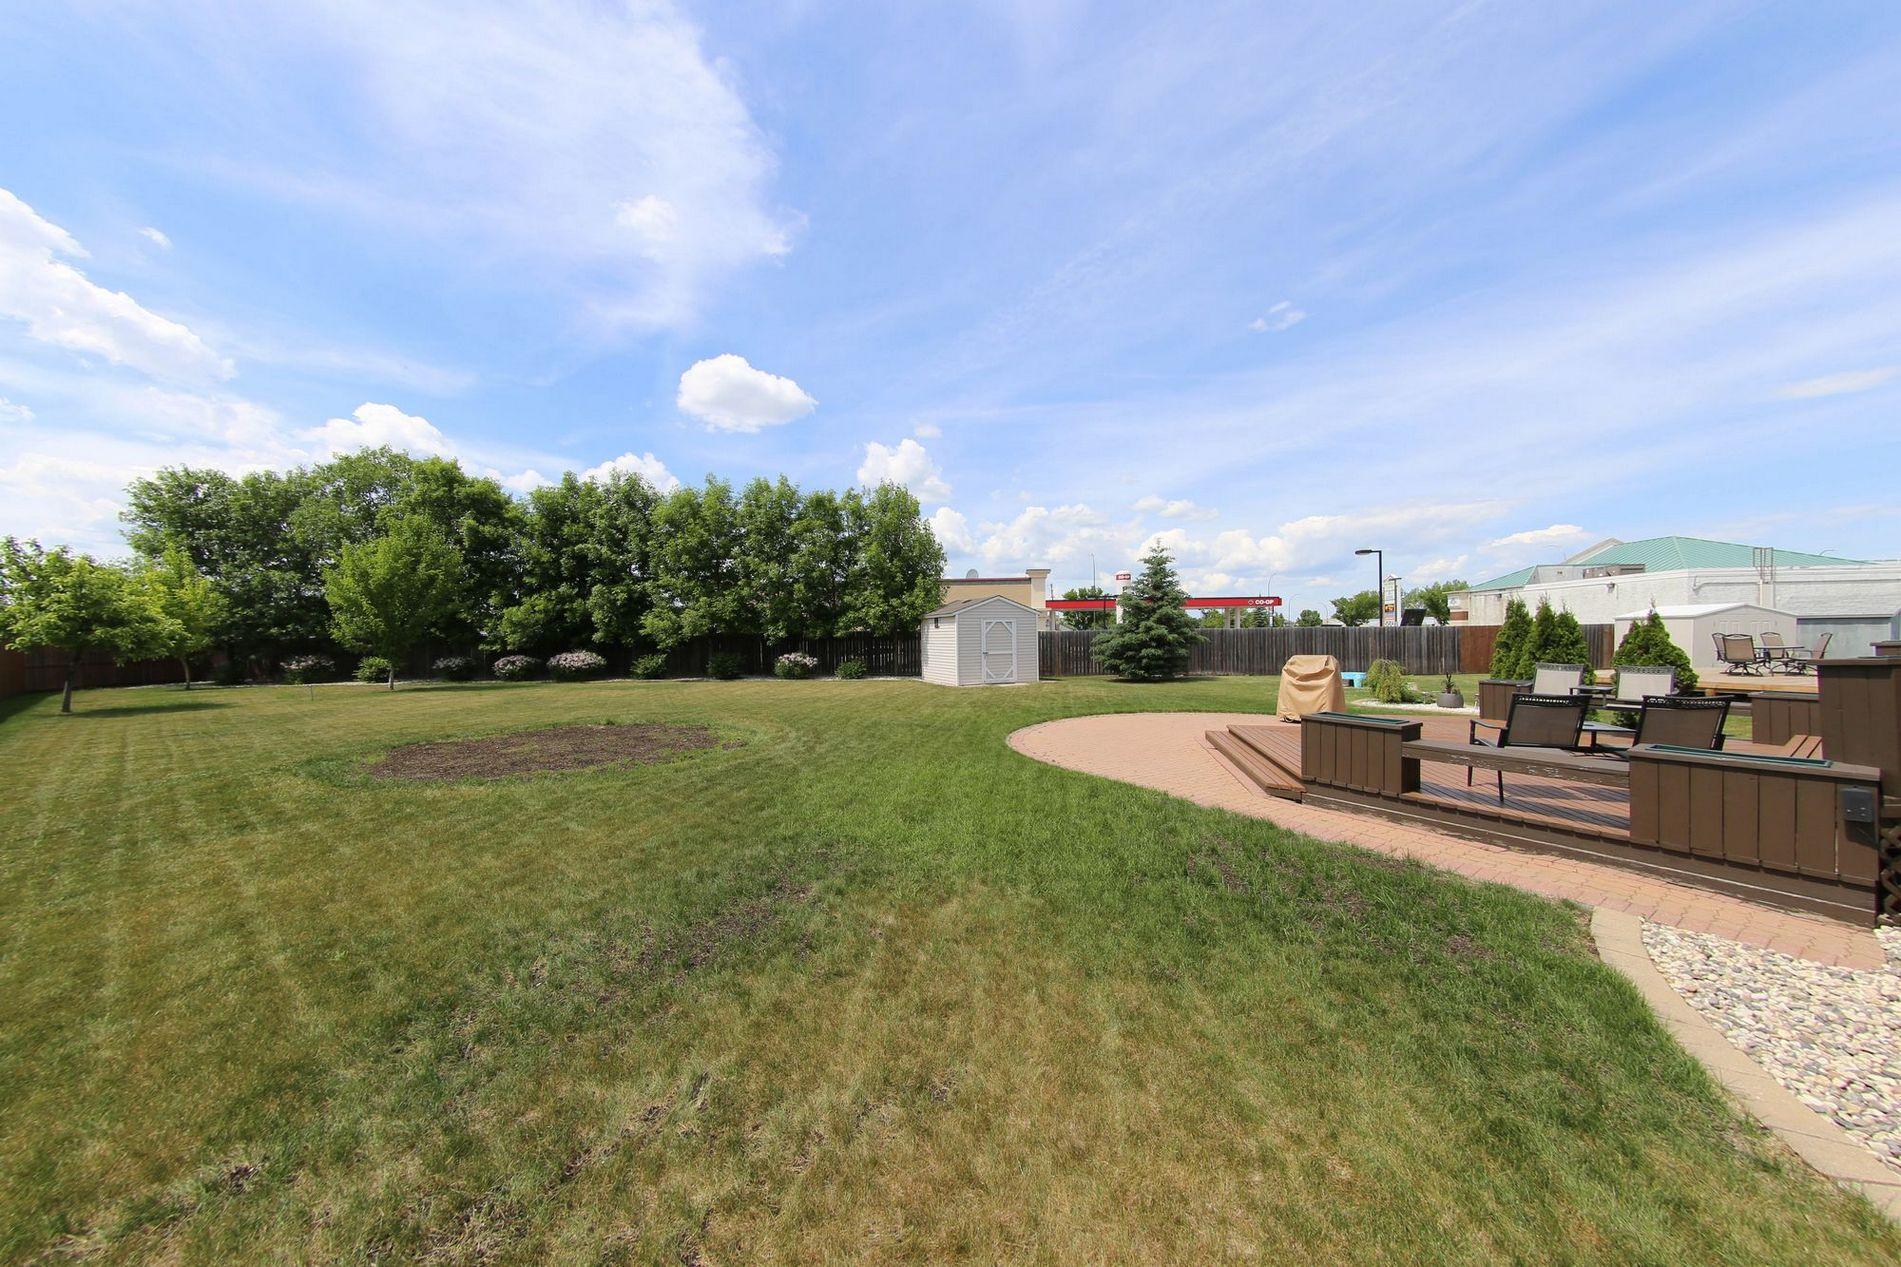 28 Meadowcrest Bay, Winnipeg, Manitoba  R2V 4G9 - Photo 28 - 1715091